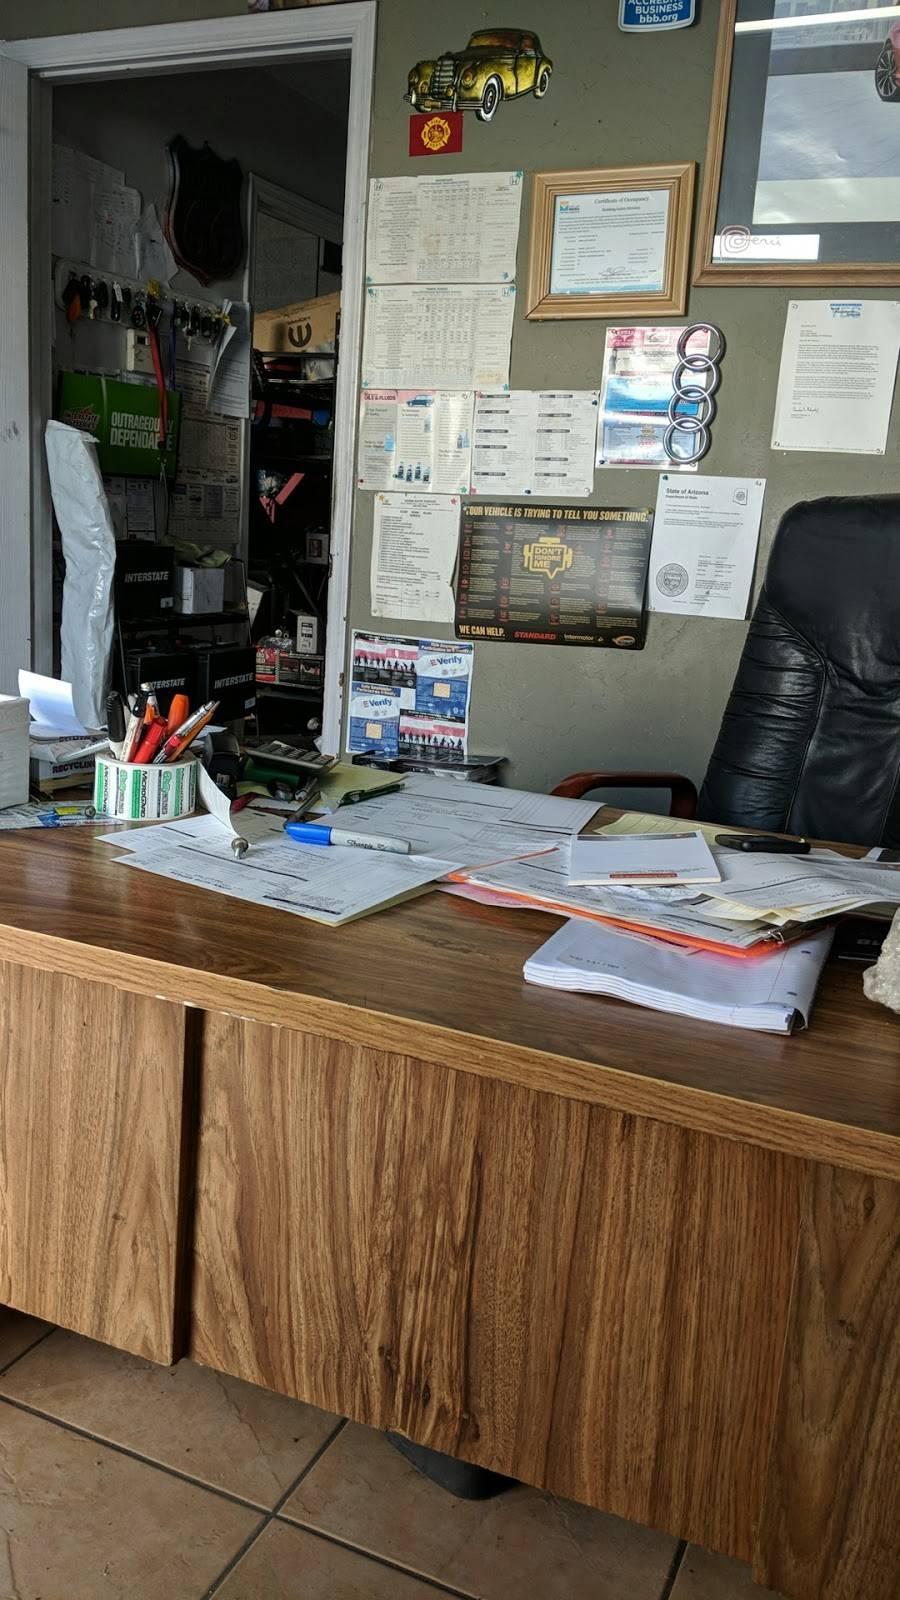 Honn Auto Repair Shop - car repair  | Photo 4 of 7 | Address: 2651, 431 S Stapley Dr # 7, Mesa, AZ 85204, USA | Phone: (480) 649-7009